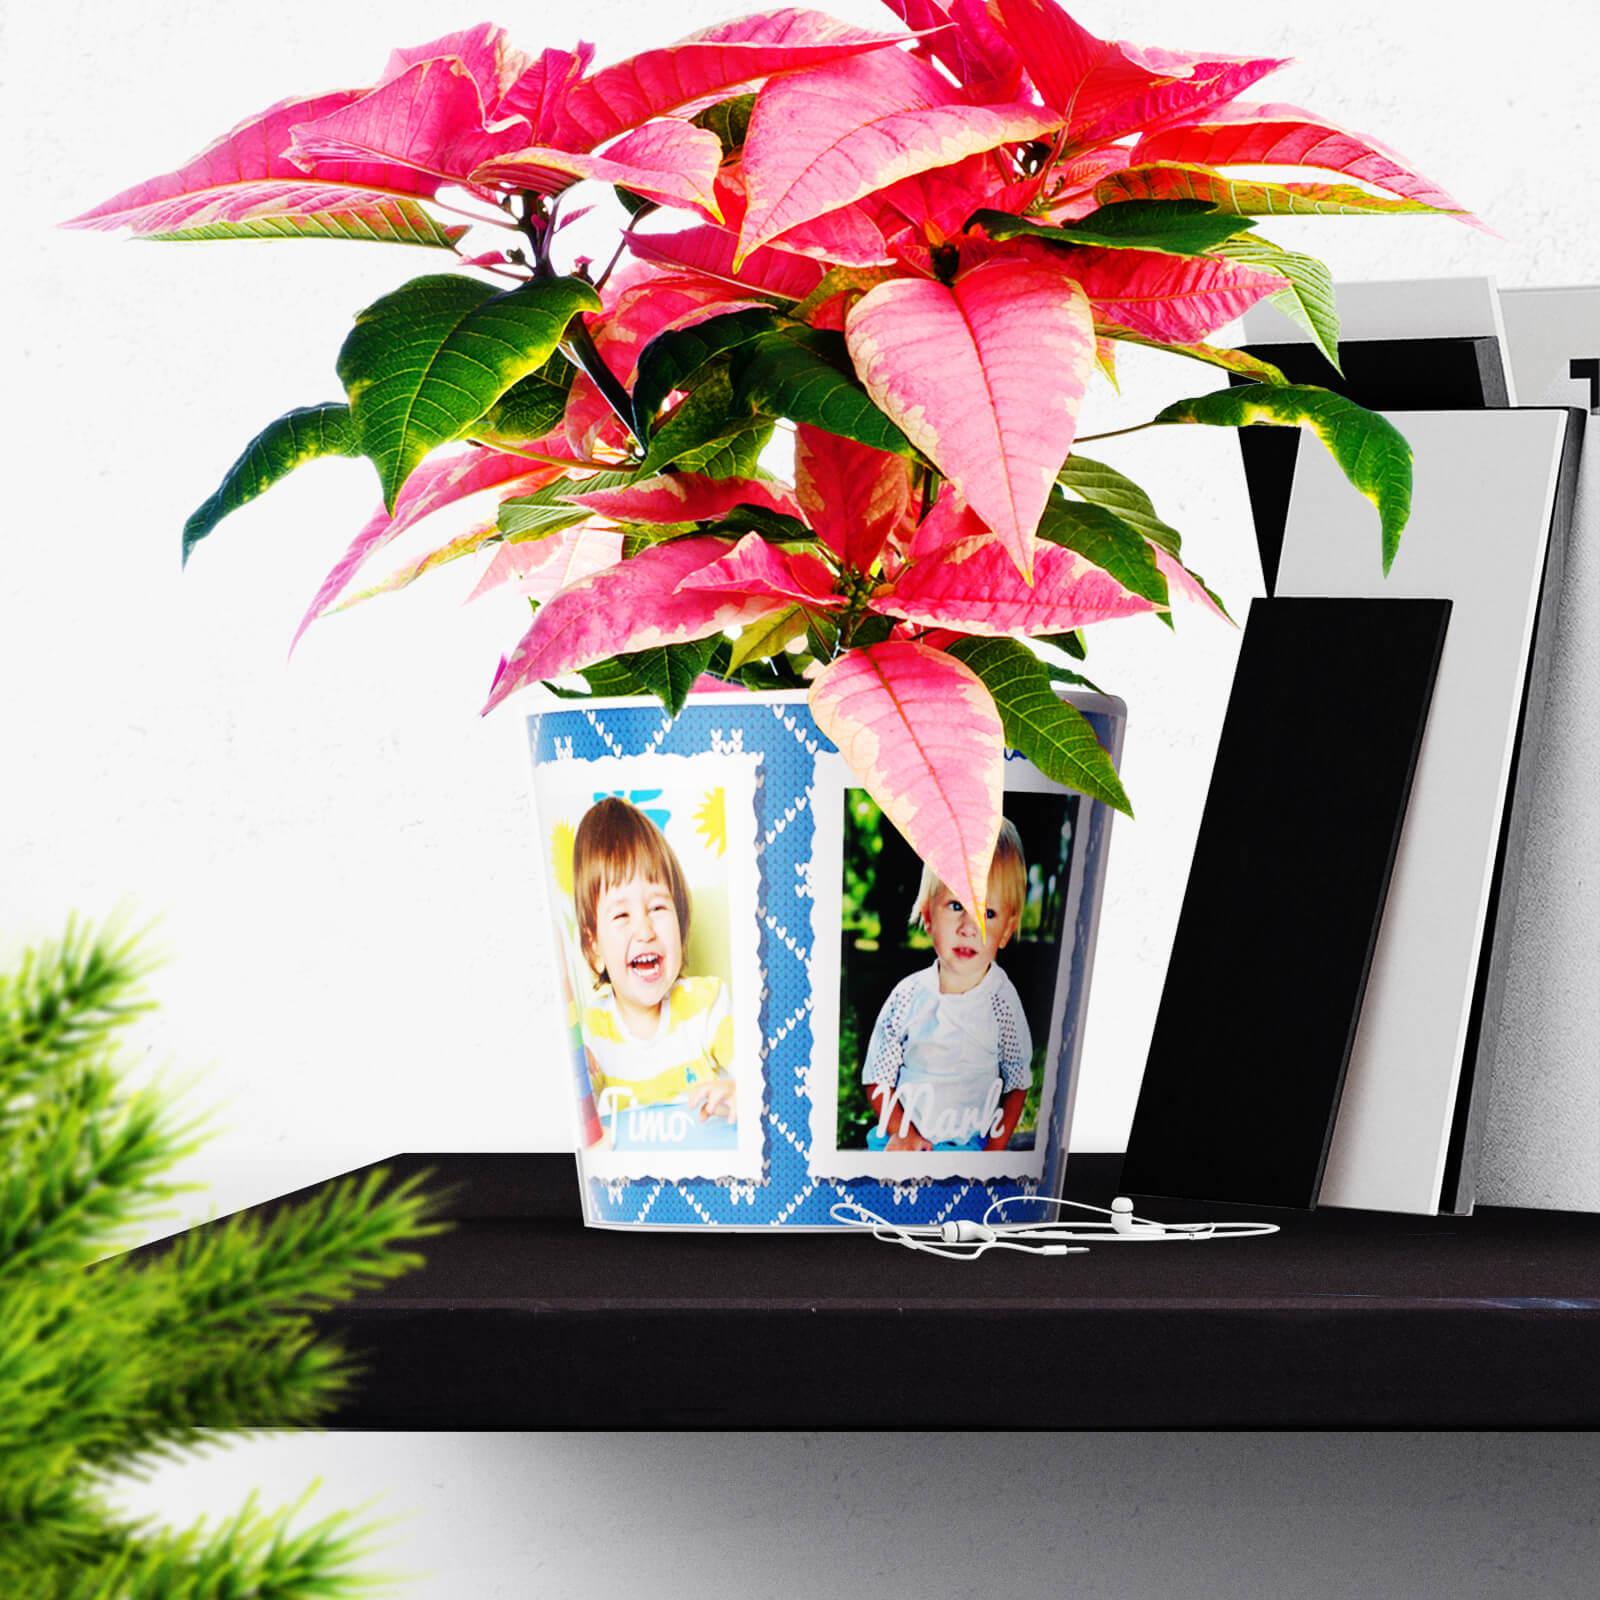 Lehrer mit 3 Fotos Weihnachtsgeschenke von Kindern und Eltern